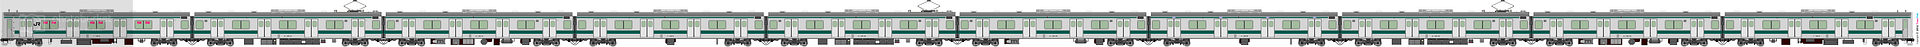 鐵路列車 1977